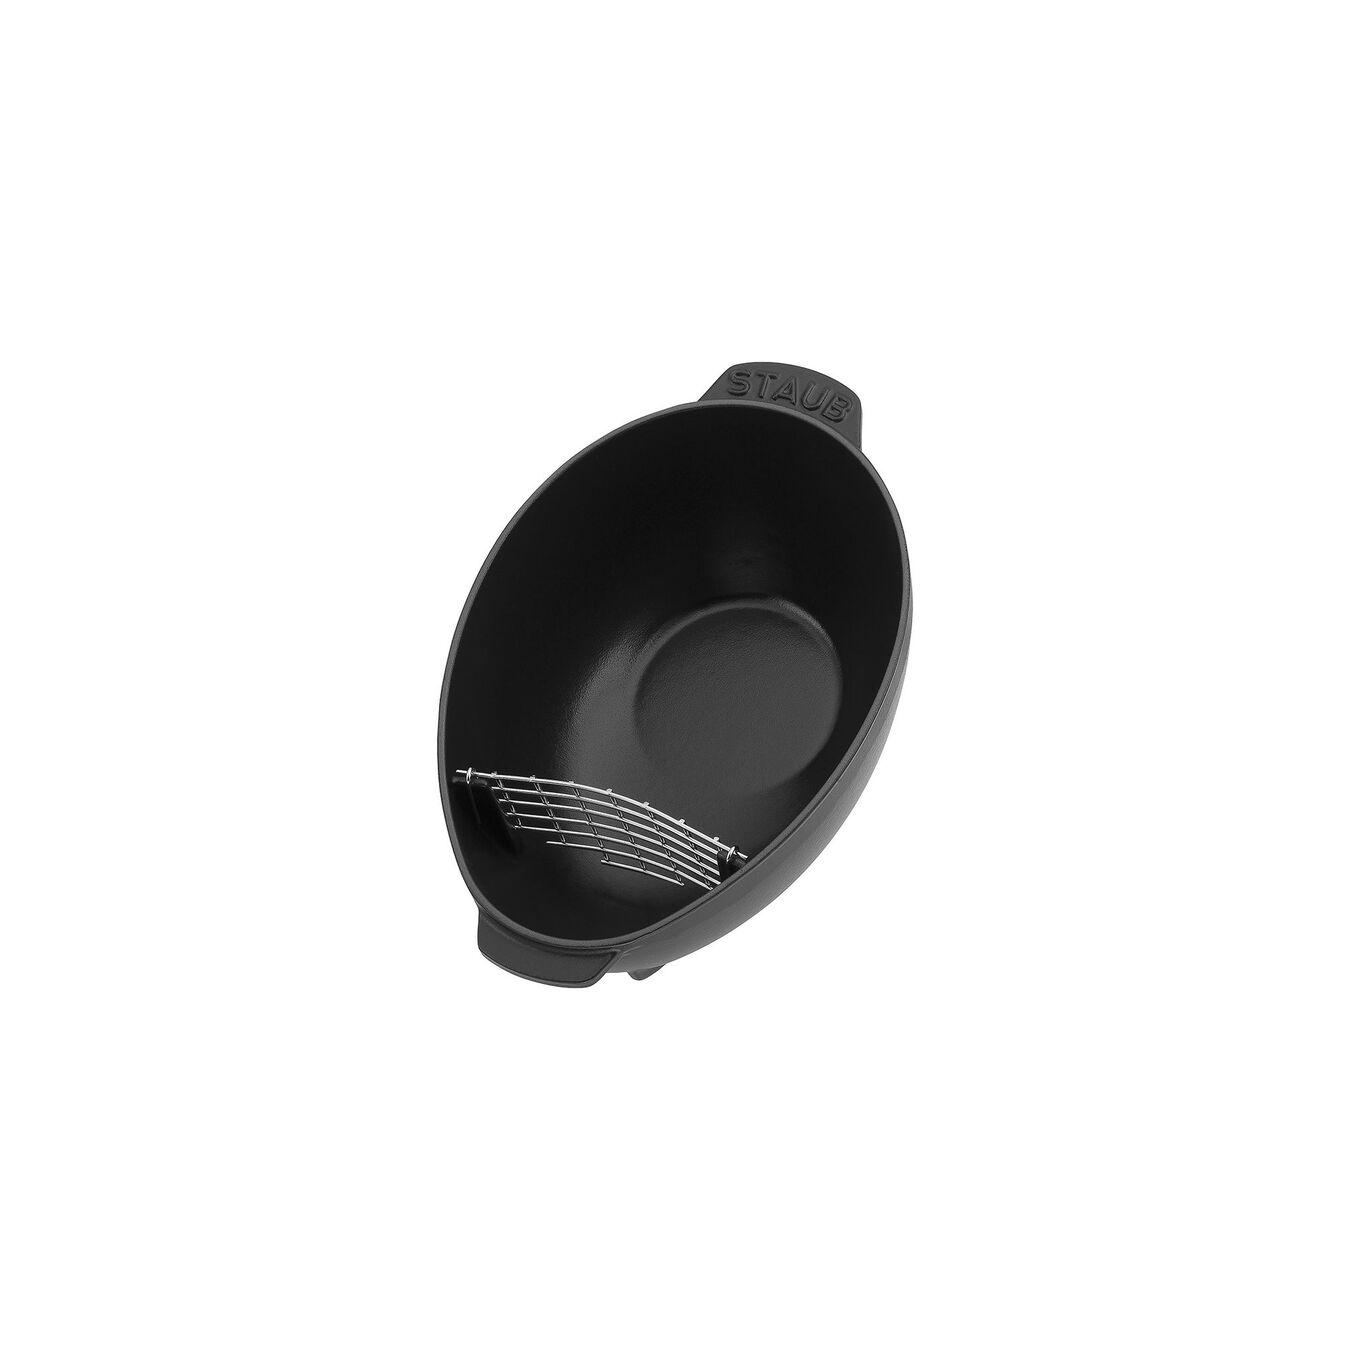 2 l Cast iron oval Mussel pot, Black,,large 2